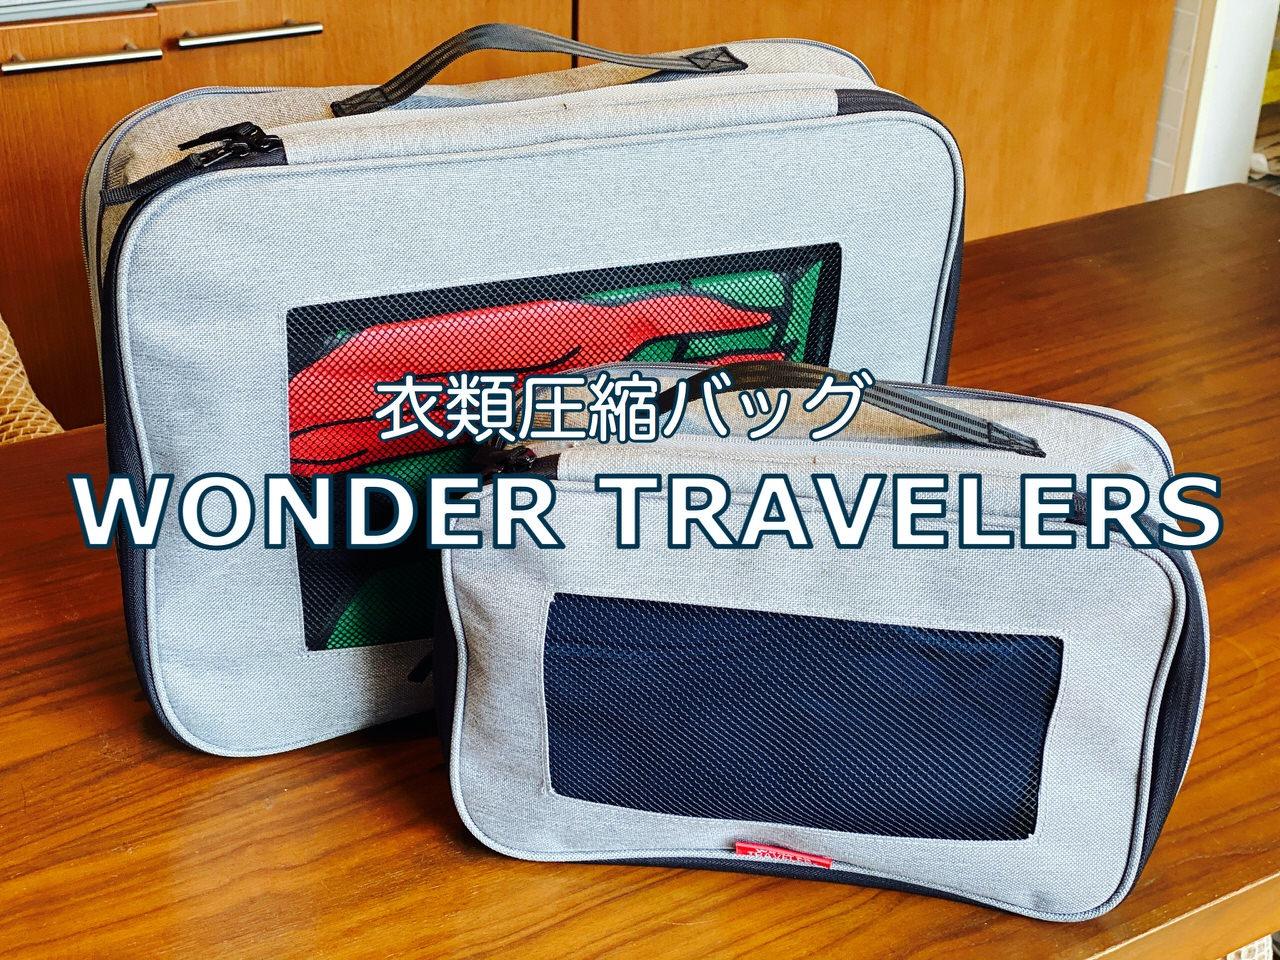 旅の荷物をコンパクトにする衣類圧縮バッグ「WONDER TRAVELERS」試してみた